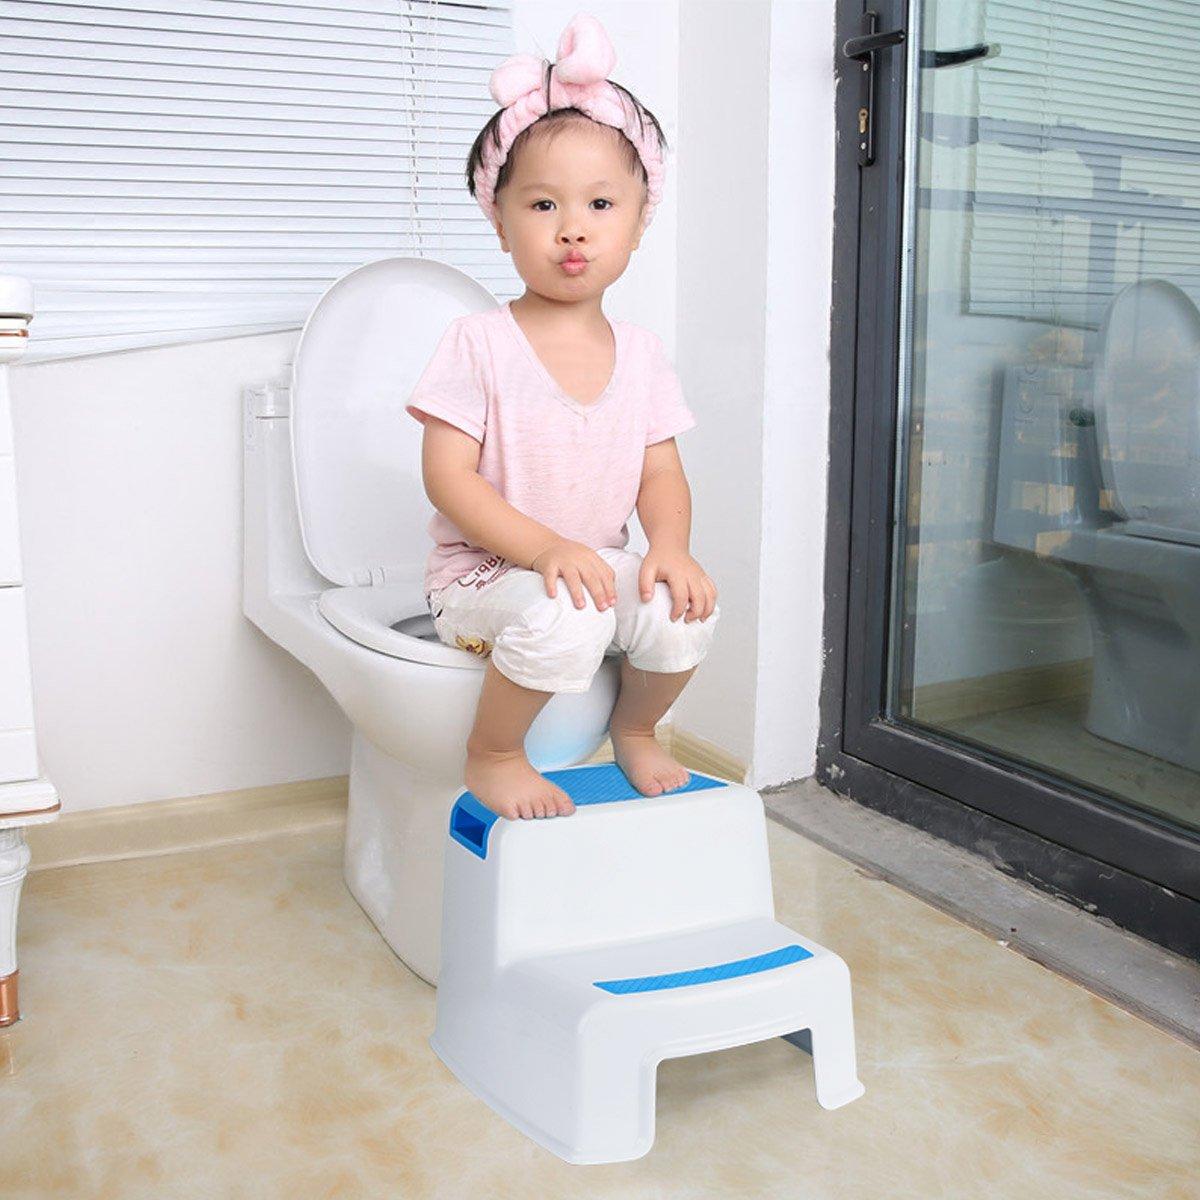 Funhoo Rutschfester Tritthocker Trittschemel für Kinder, 16-Stufen Schemel  zum Toilettentraining, Händewaschen in Badezimmer, Kinderzimmer, Küche -